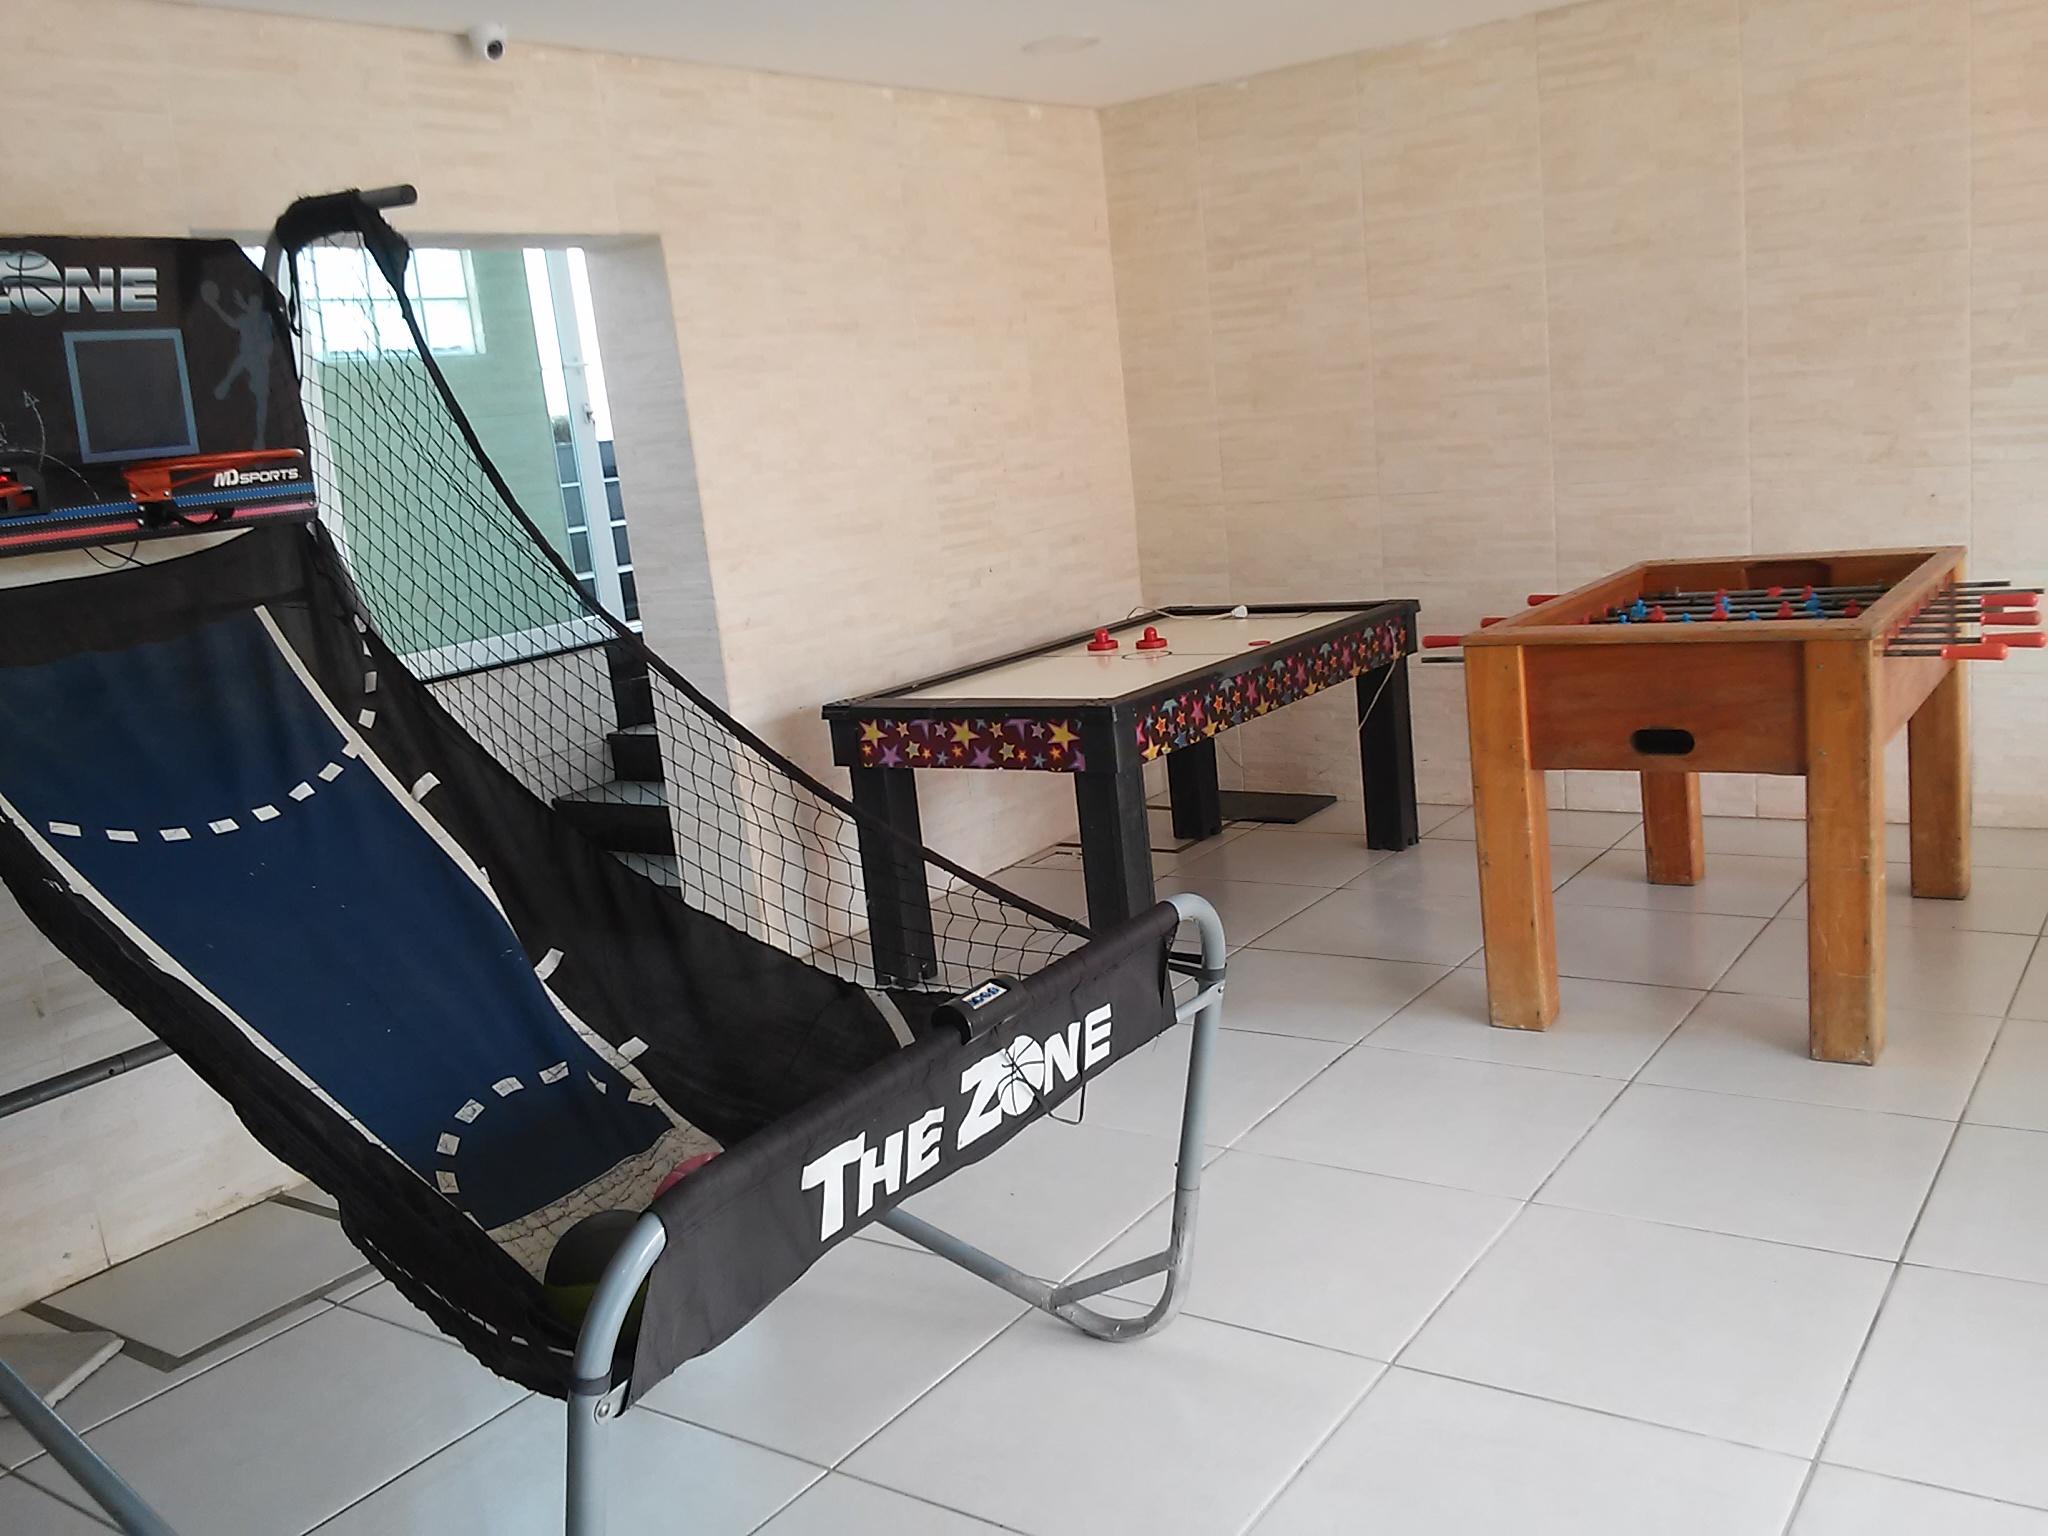 Air Game basquete flaflu.jpg